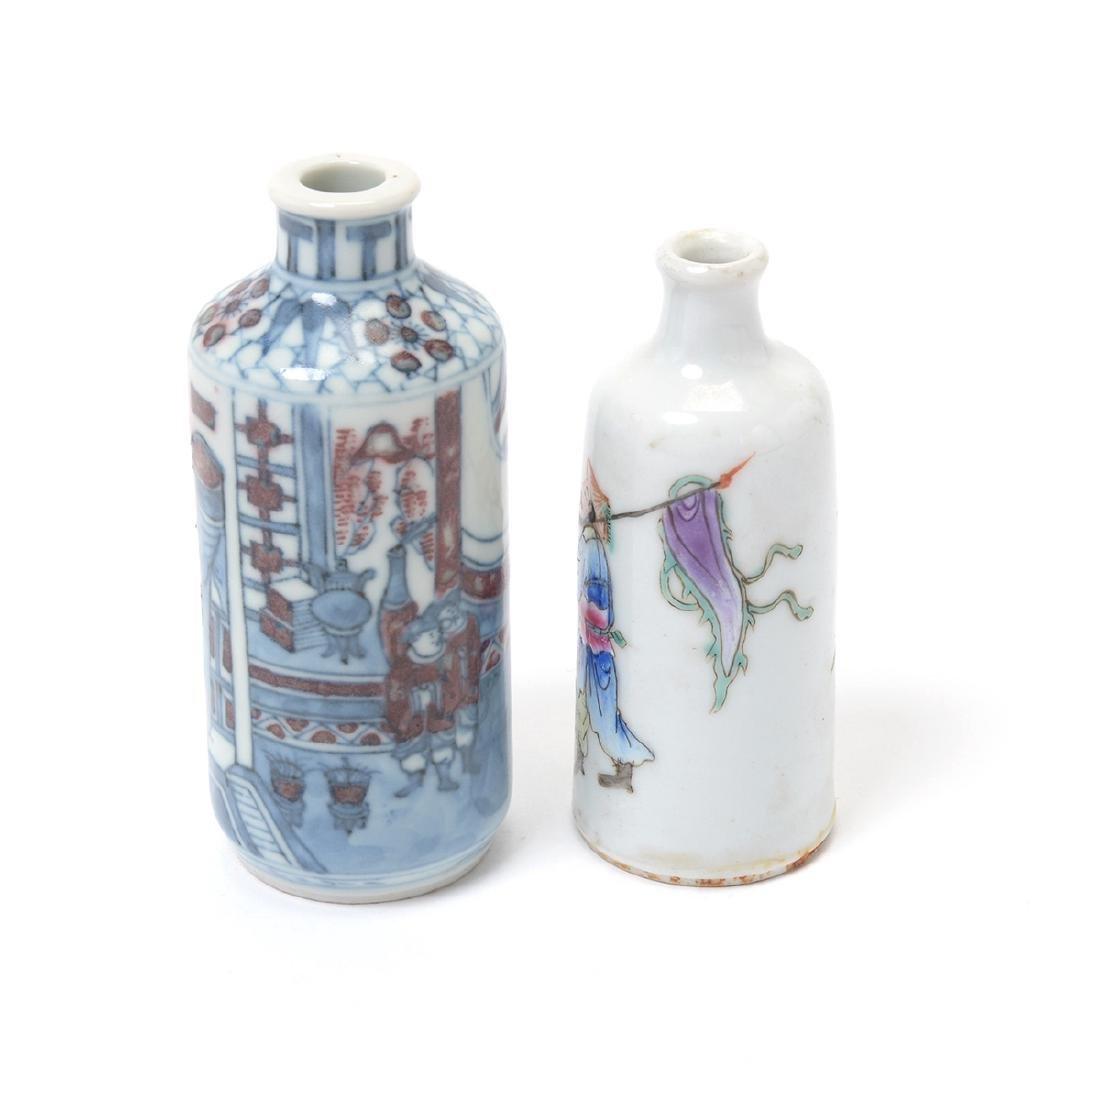 Two Porcelain Figural Snuff Bottles - 4